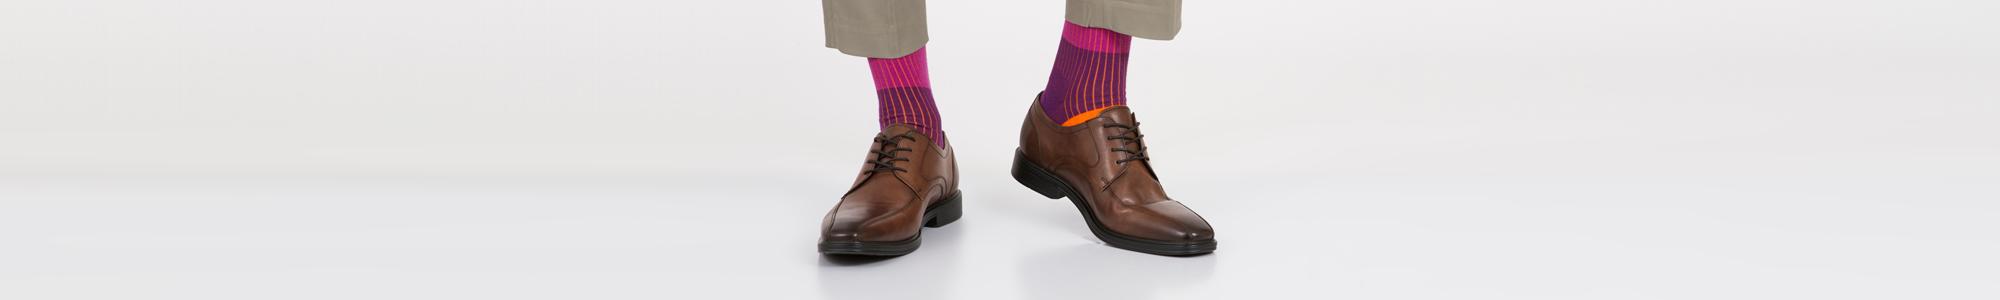 נעליים נמוכות